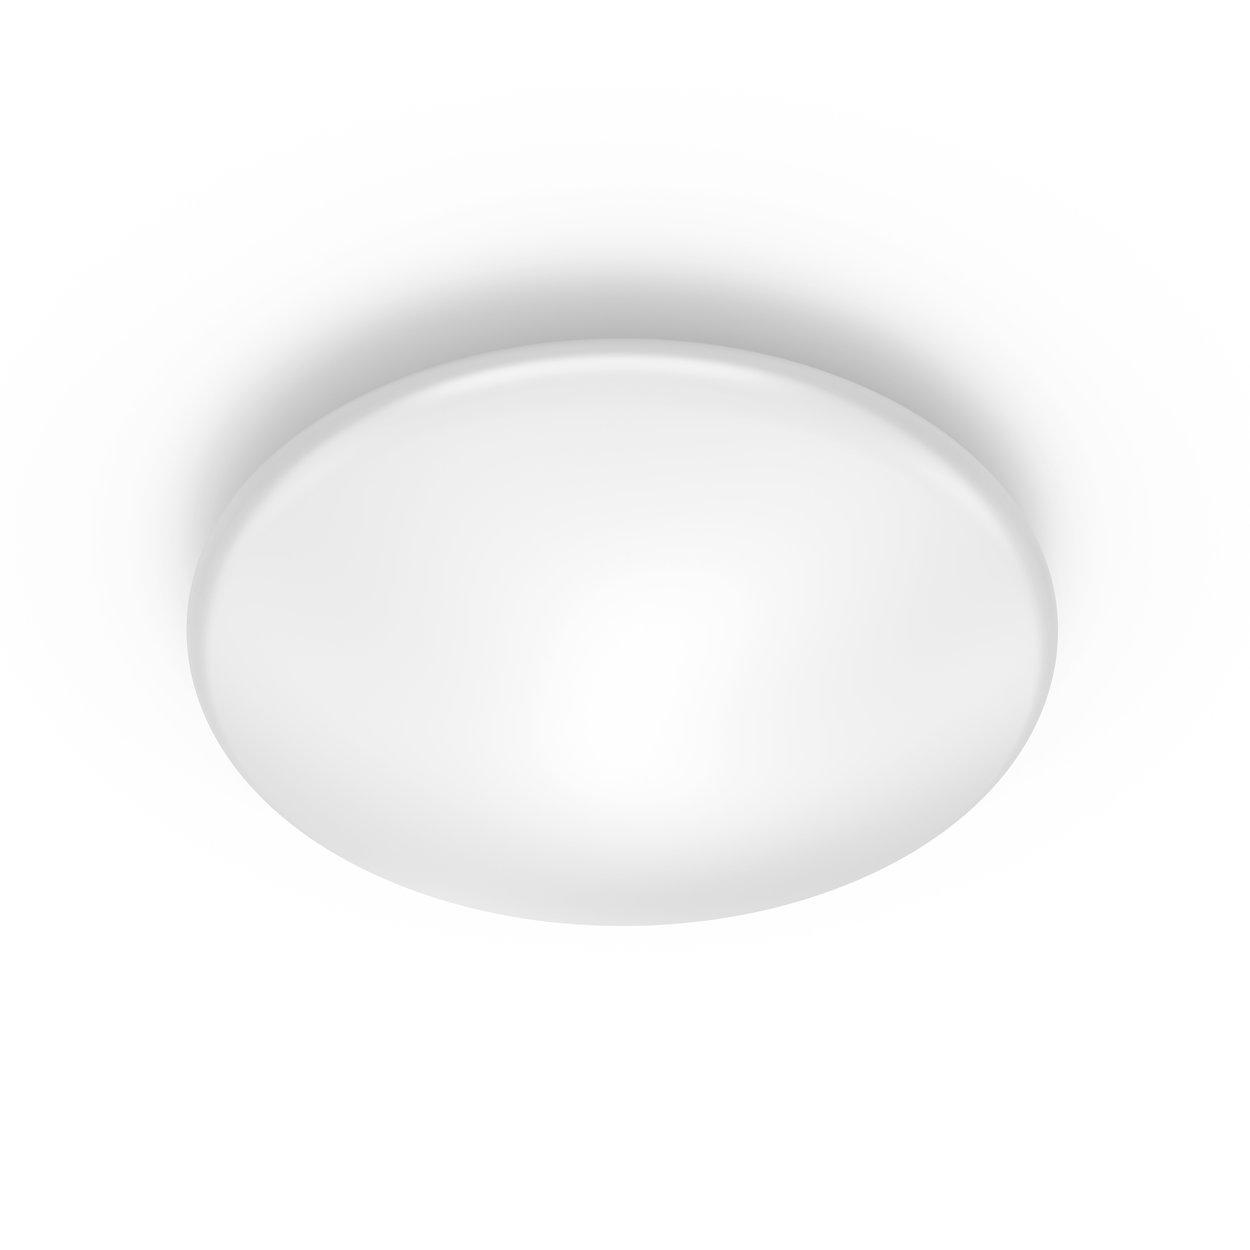 Světlo se senzorem pohybu zvyšuje pohodlí a pomáhá šetřit energii